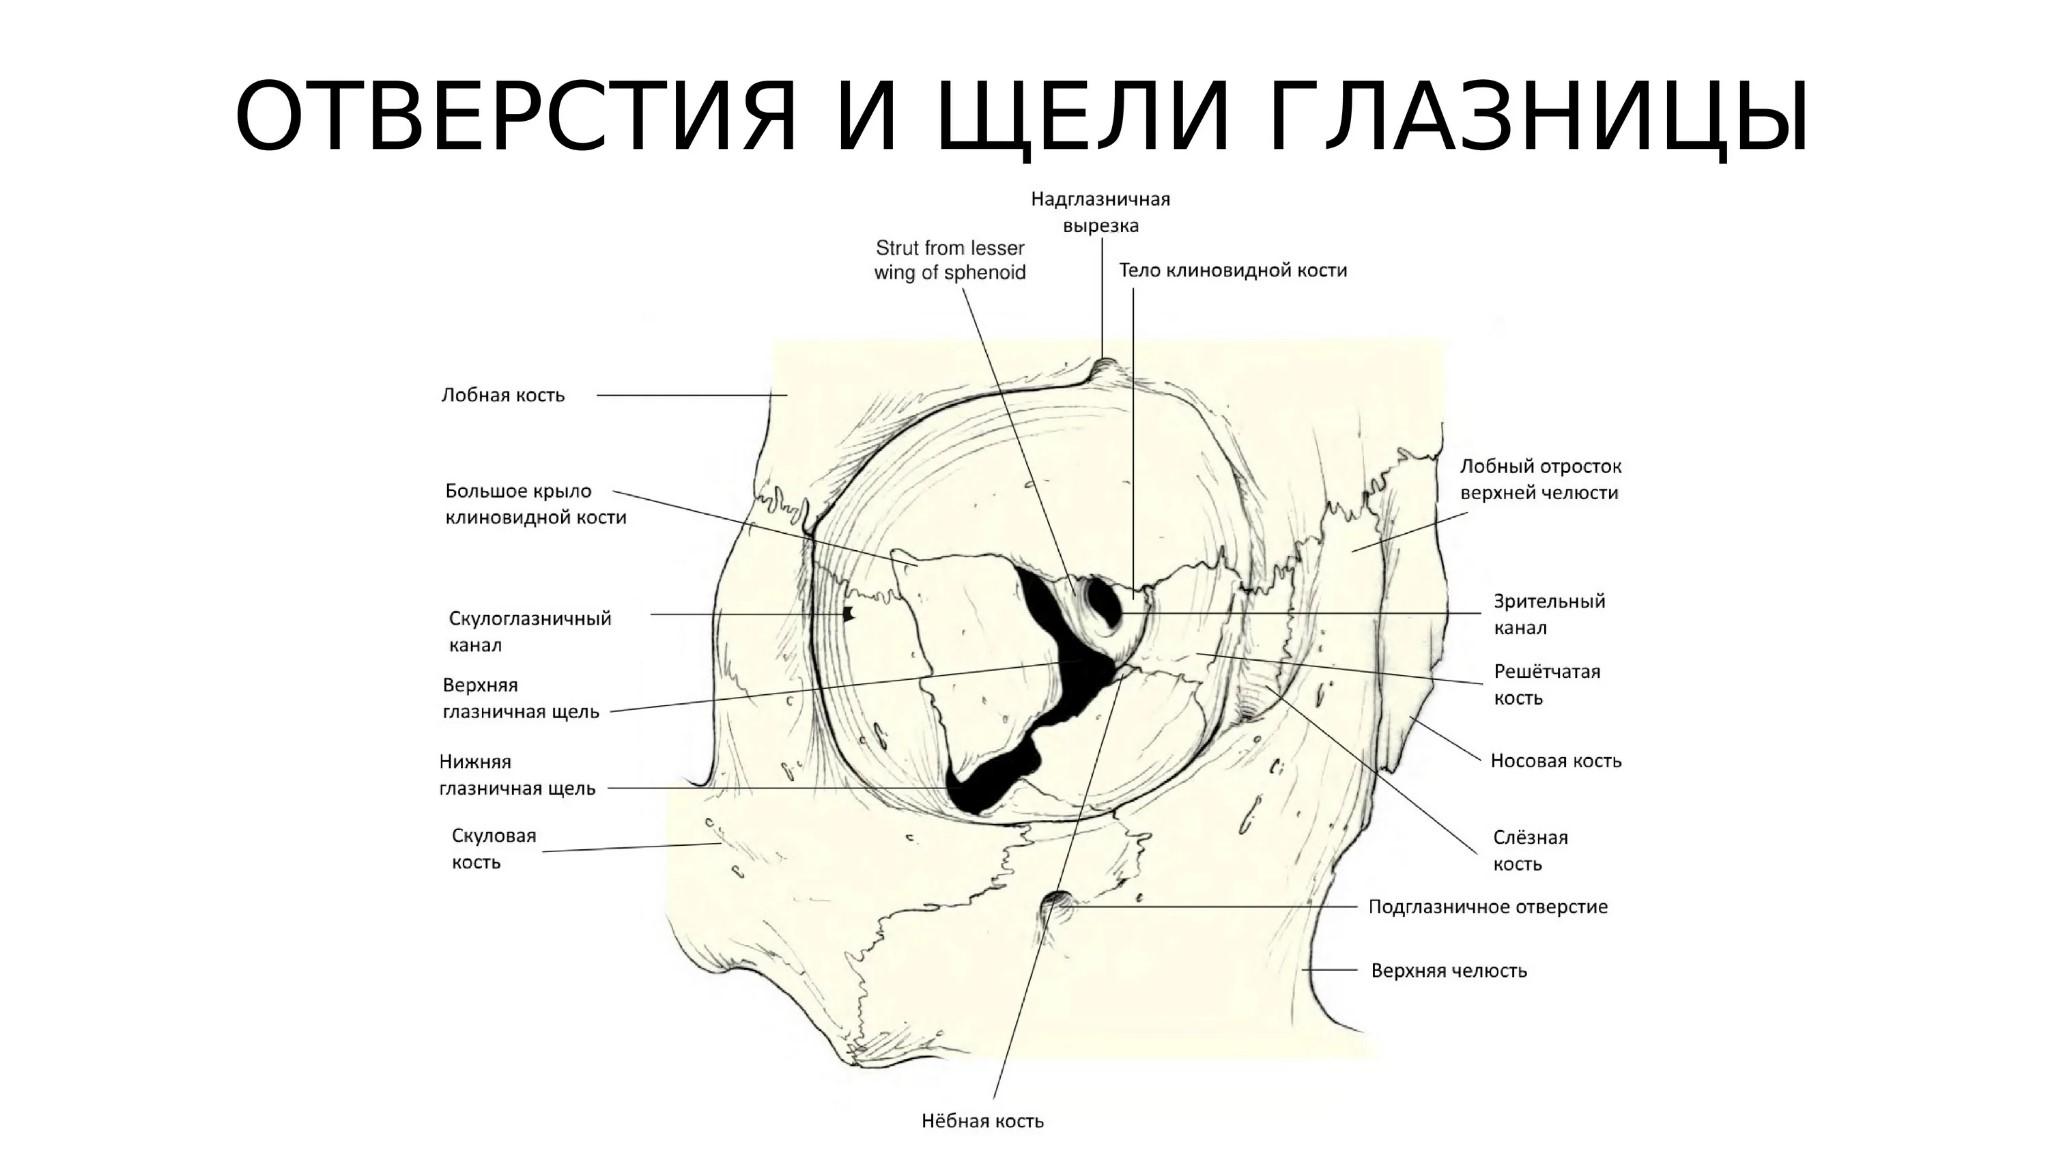 Изучаем травму Де Брюйне: перелом глазницы — это очень опасно, но шанс сыграть против России есть